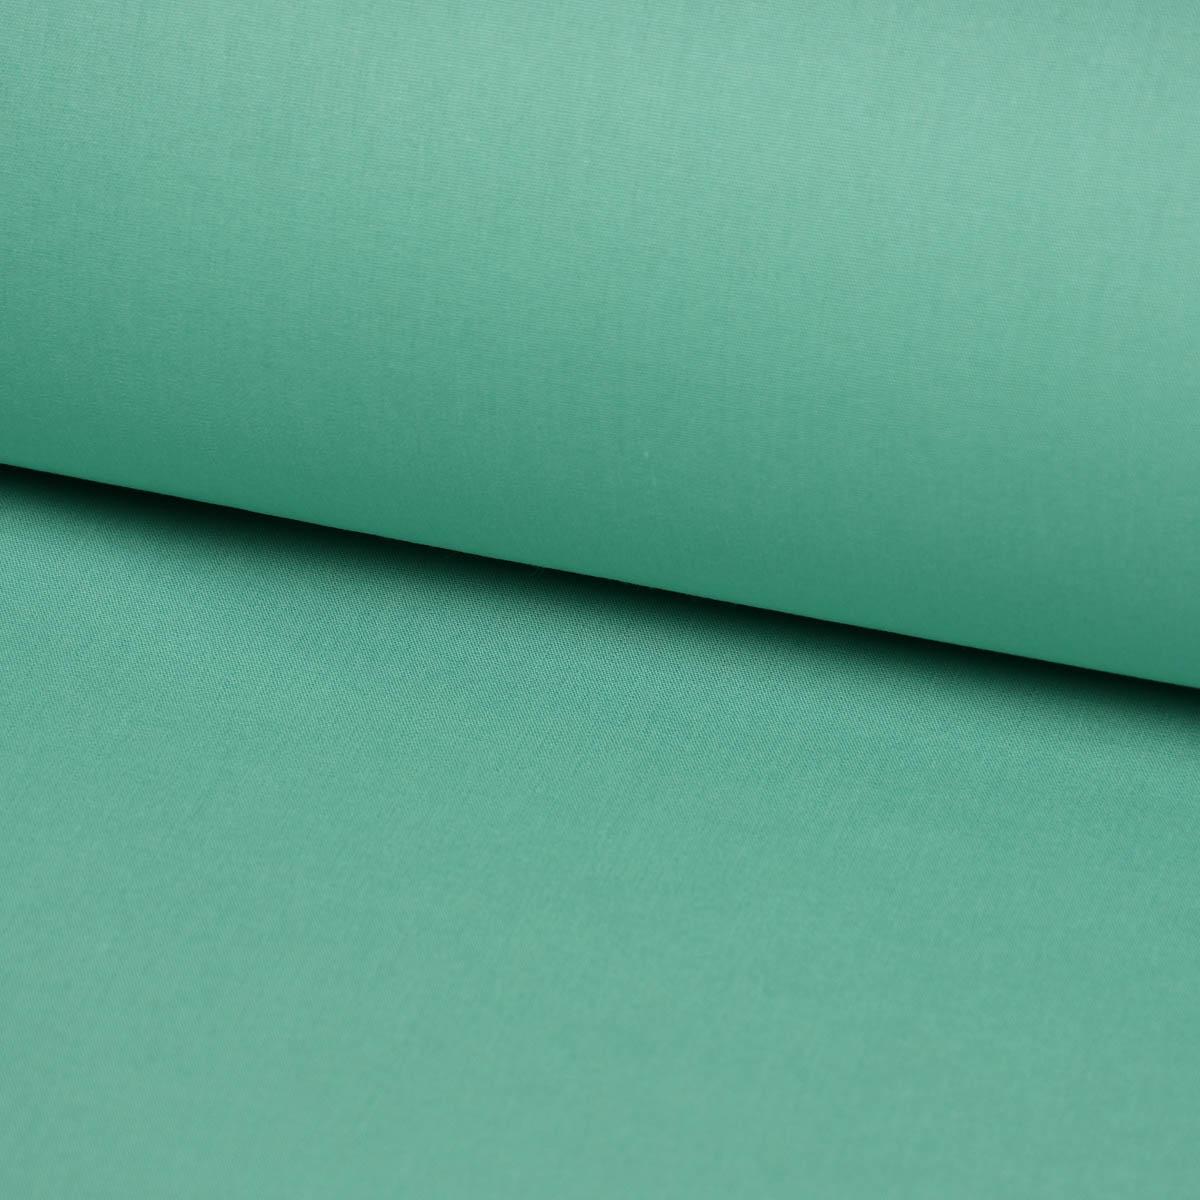 Kreativstoff Baumwollstoff Fahnentuch einfarbig lindgrün 1,45m Breite